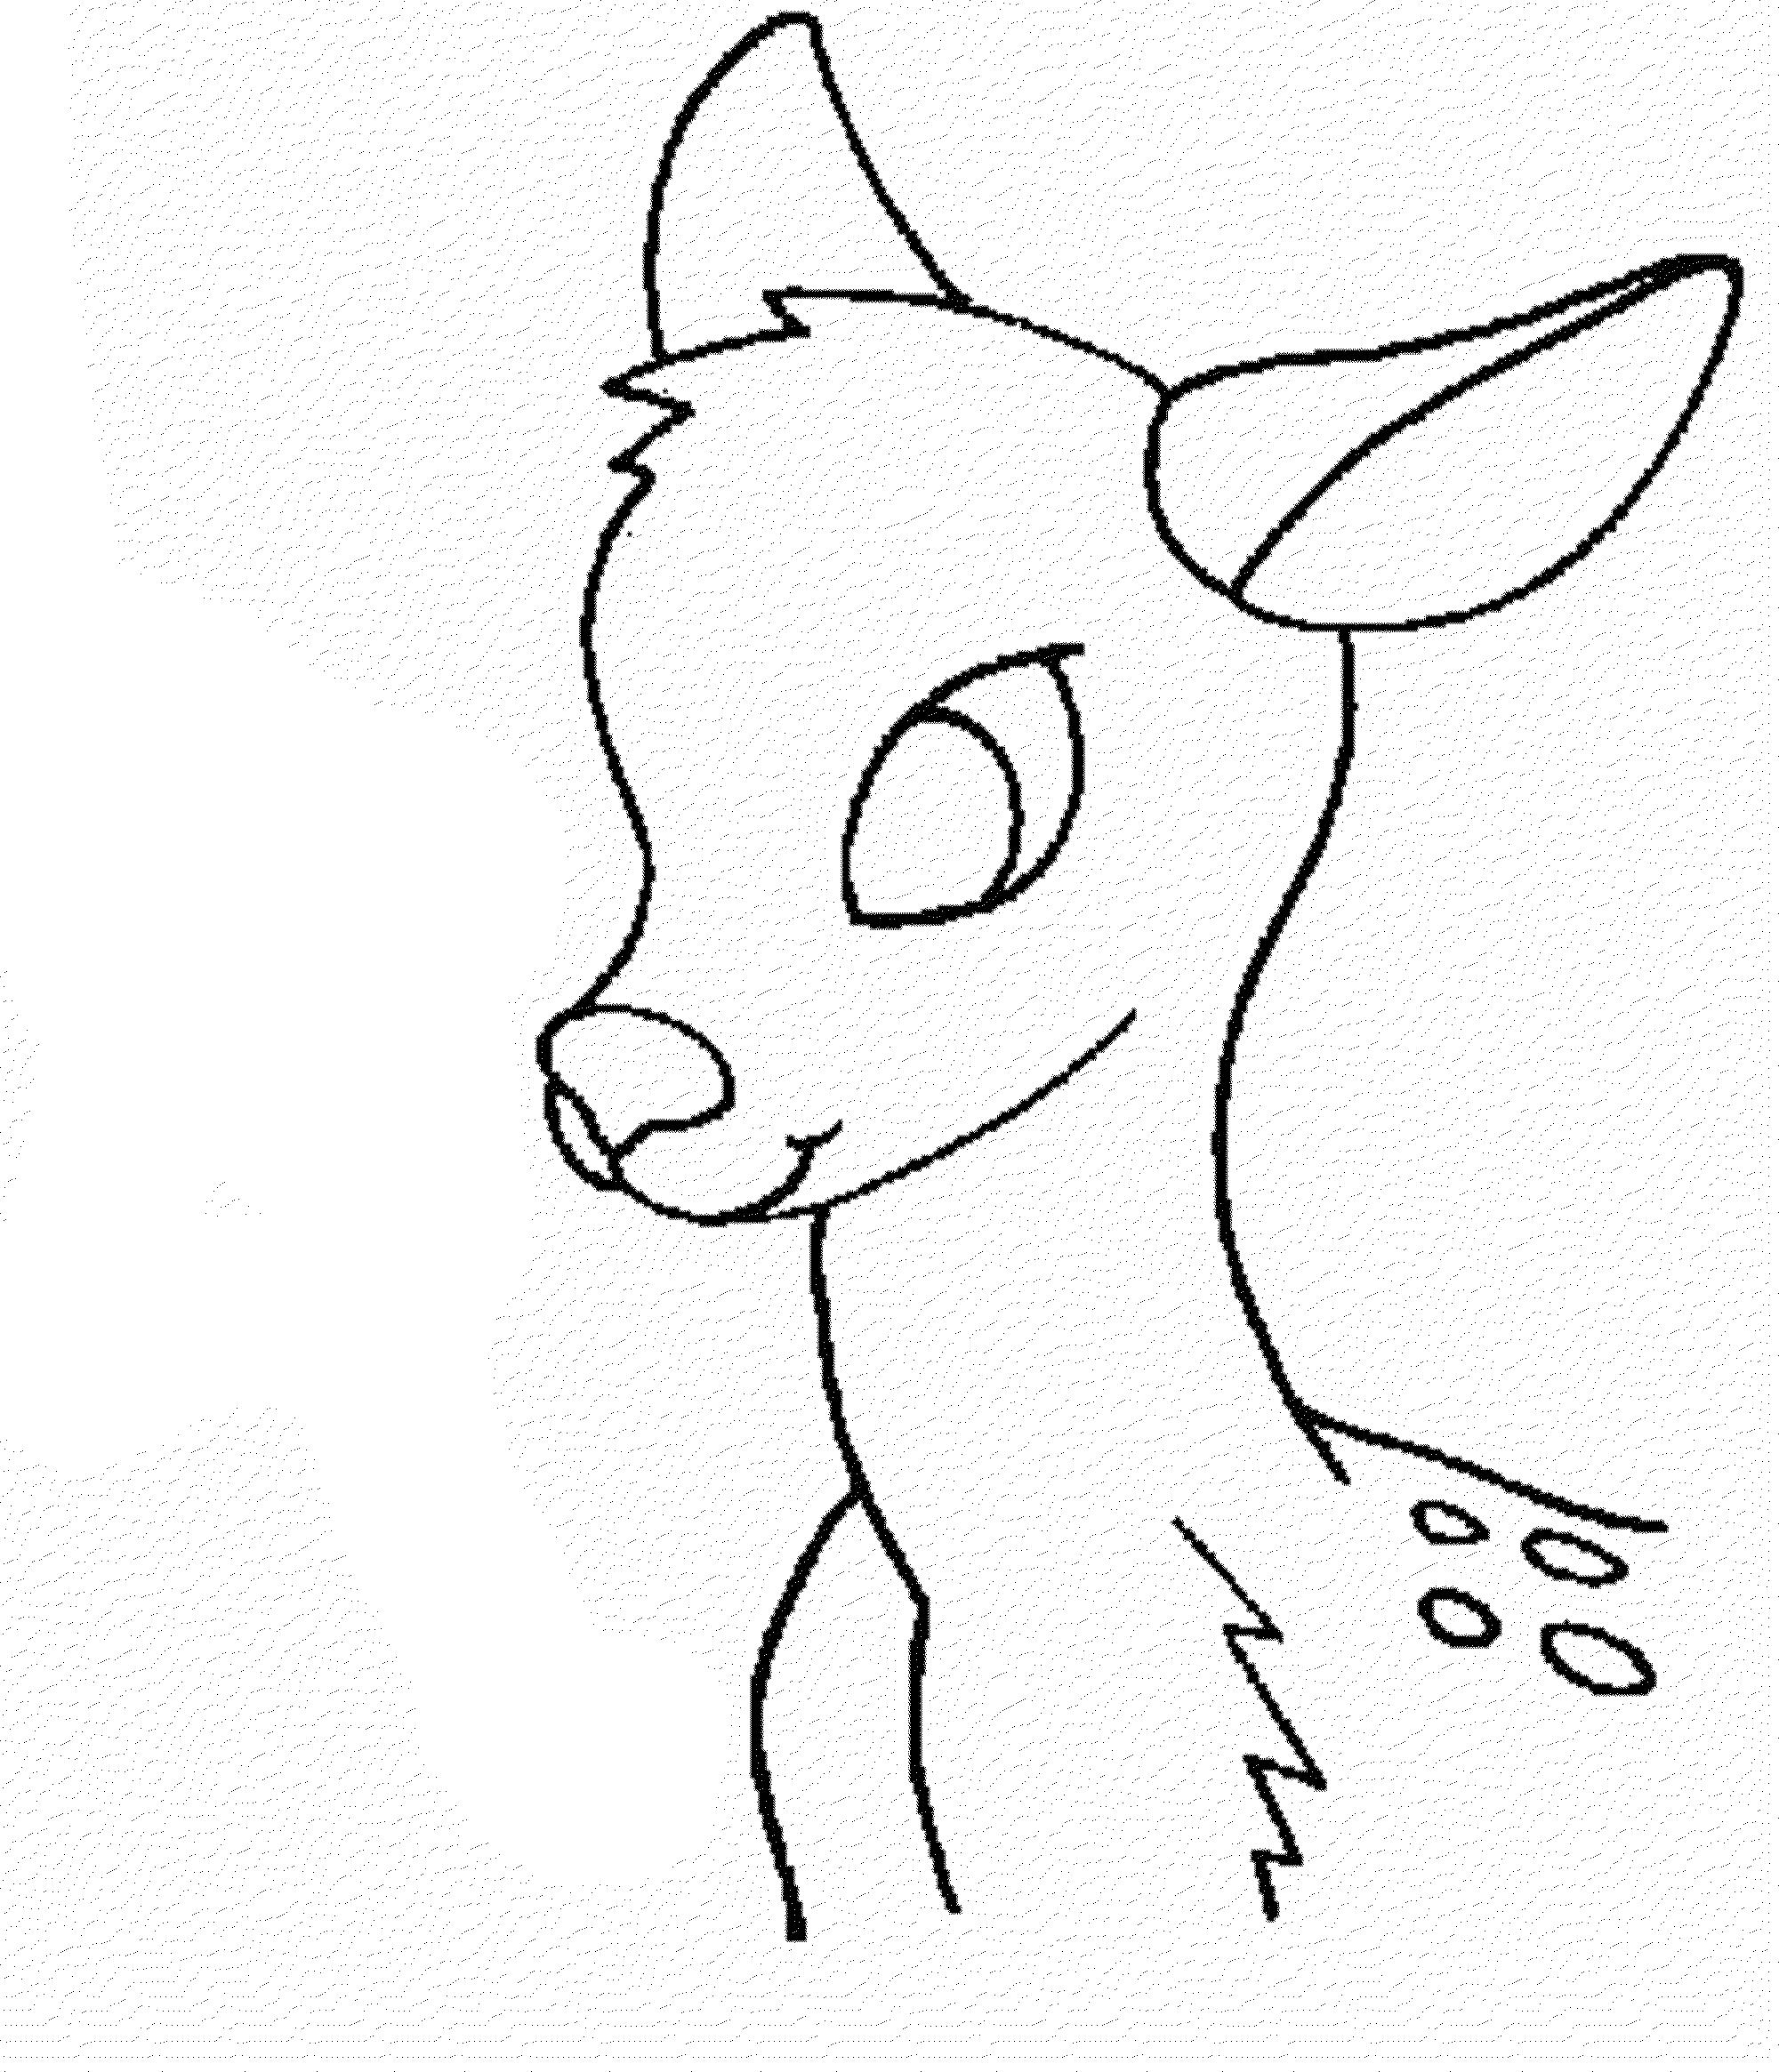 2000x2330 How To Draw Deer Head How To Draw Deer Head Stepstep Very Easy